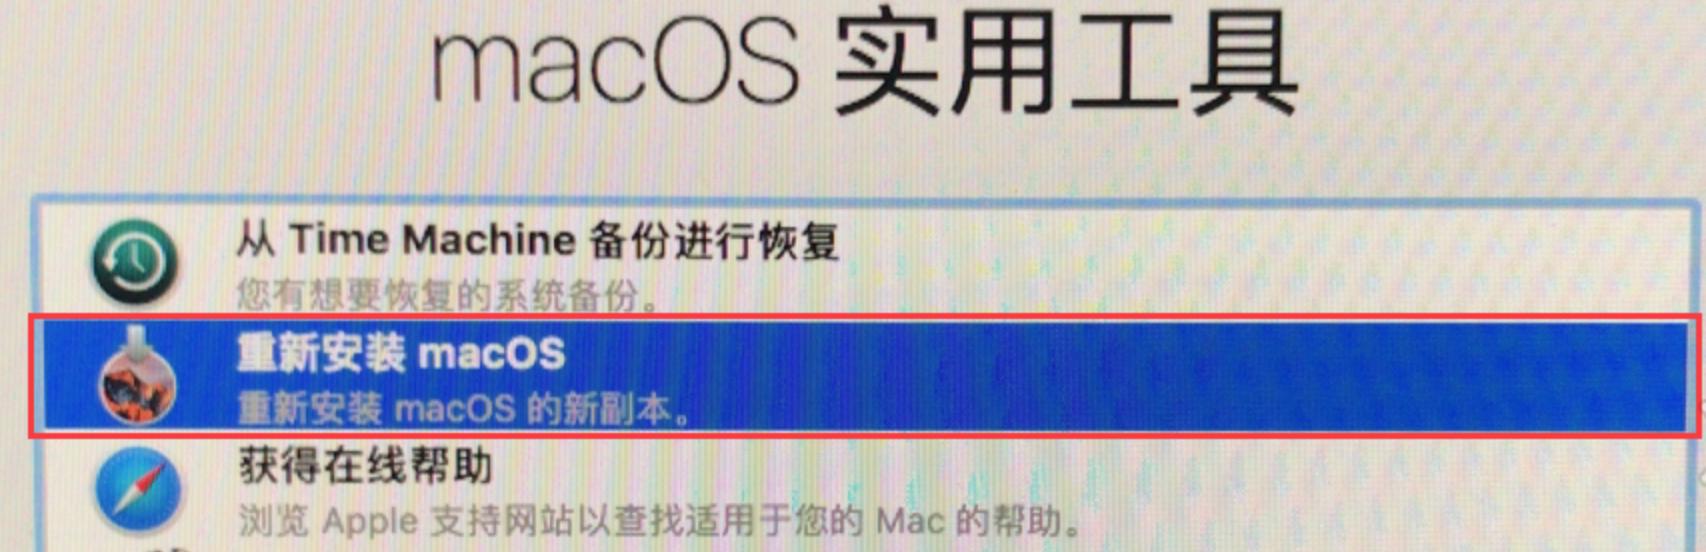 将Mac还原到其出厂设置